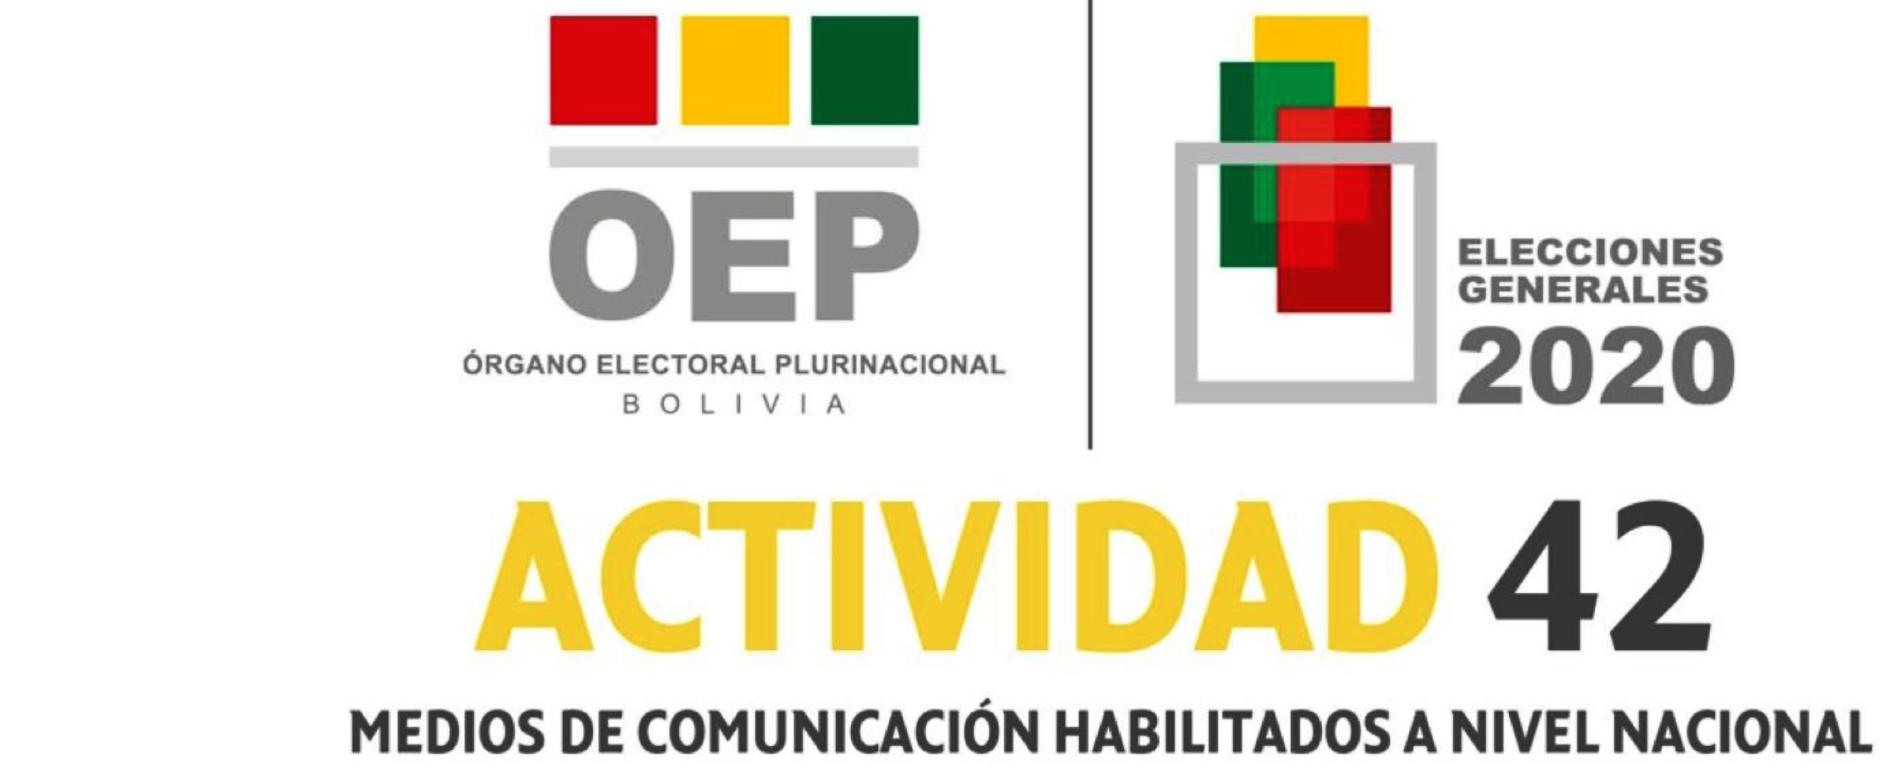 Medios_Habilitados_Nacional_TSE_EG_2020-1